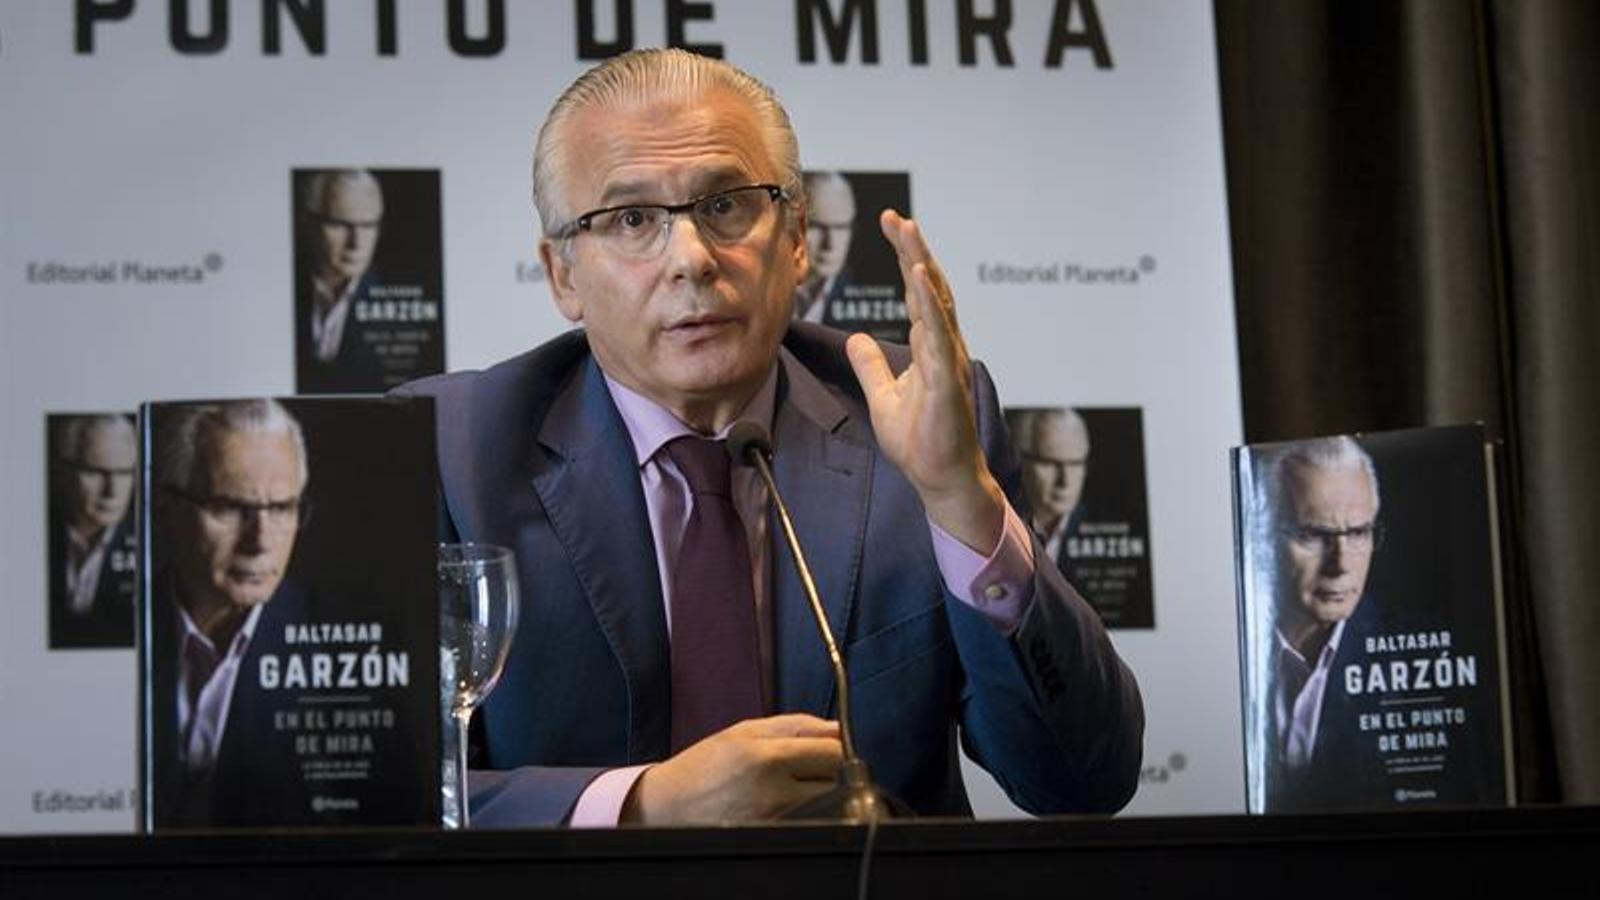 L'advocat i exjutge de l'Audiència Nacional Baltasar Garzón ha presentat avui el  seu últim llibre, 'En el punto de mira' (Planeta). EFE